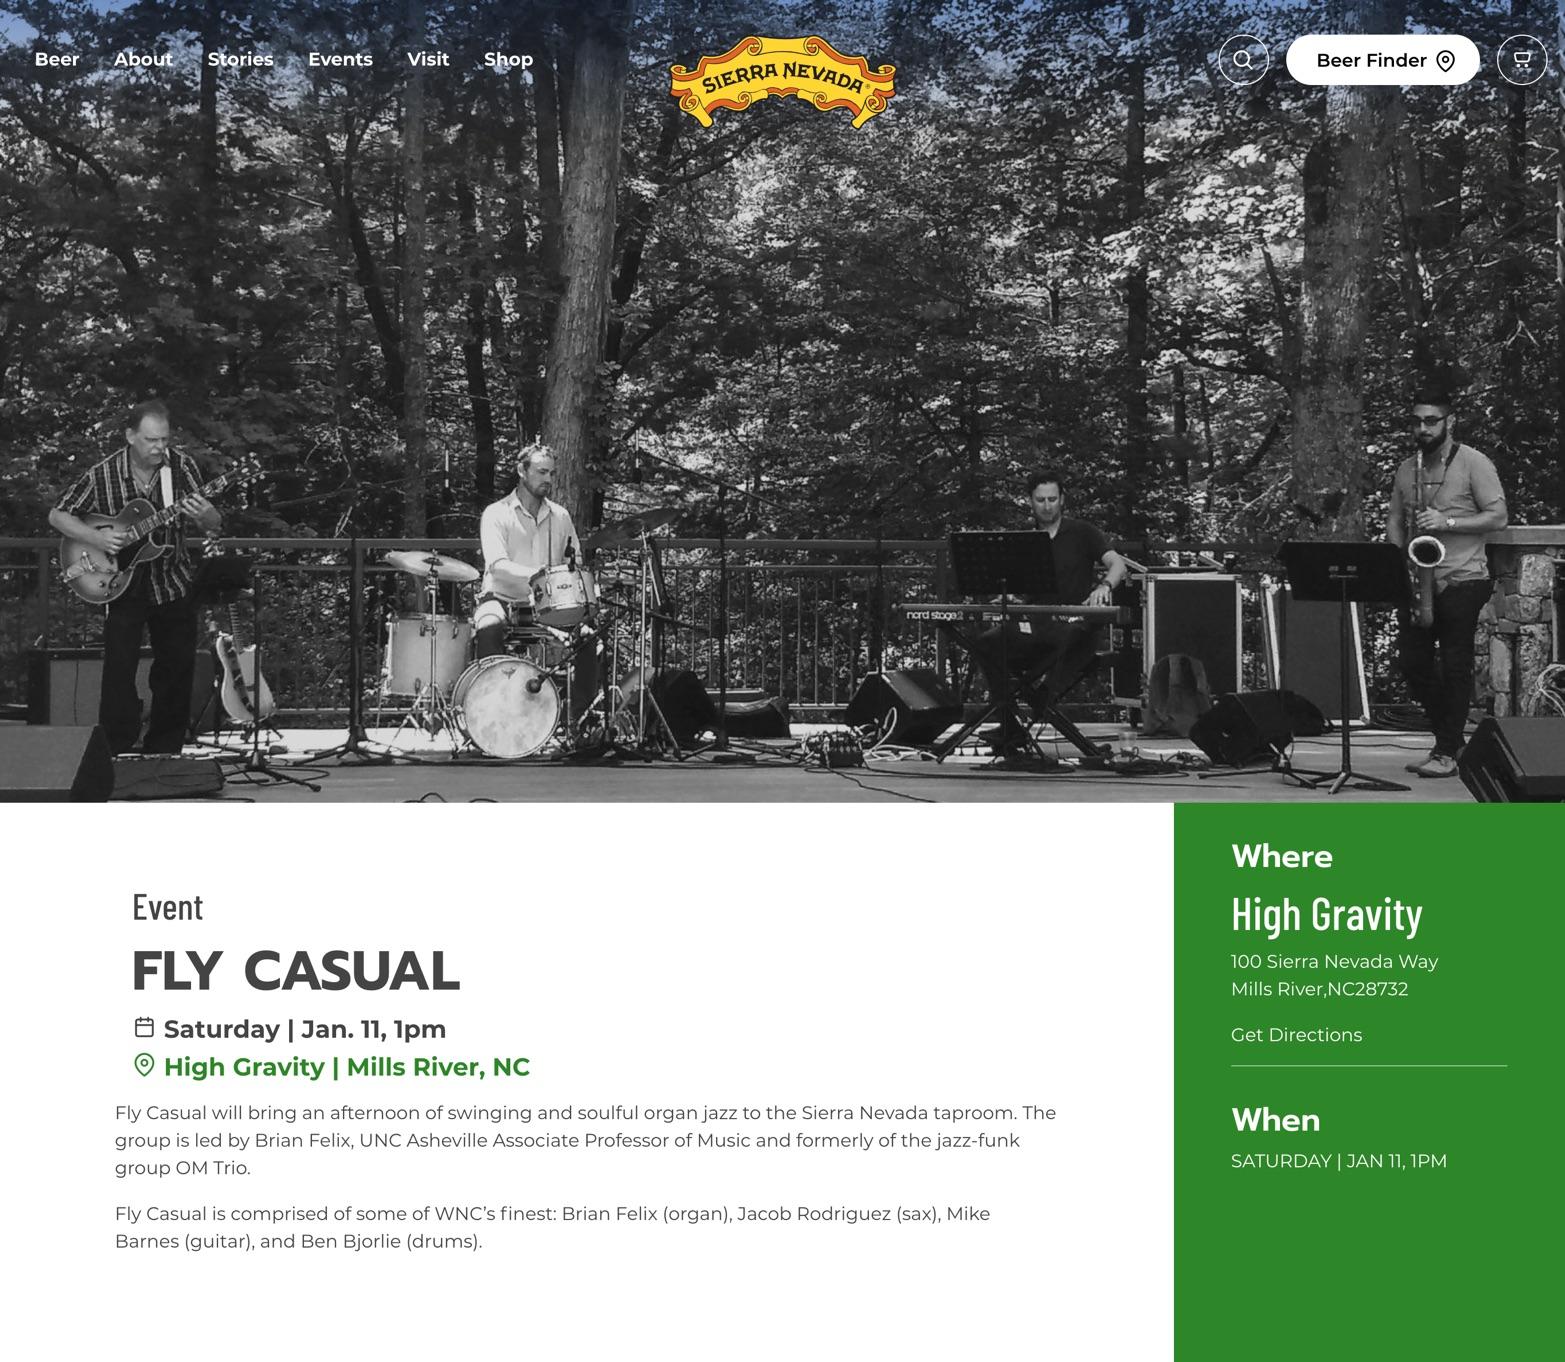 Screenshot of an event on the Sierra Nevada website.